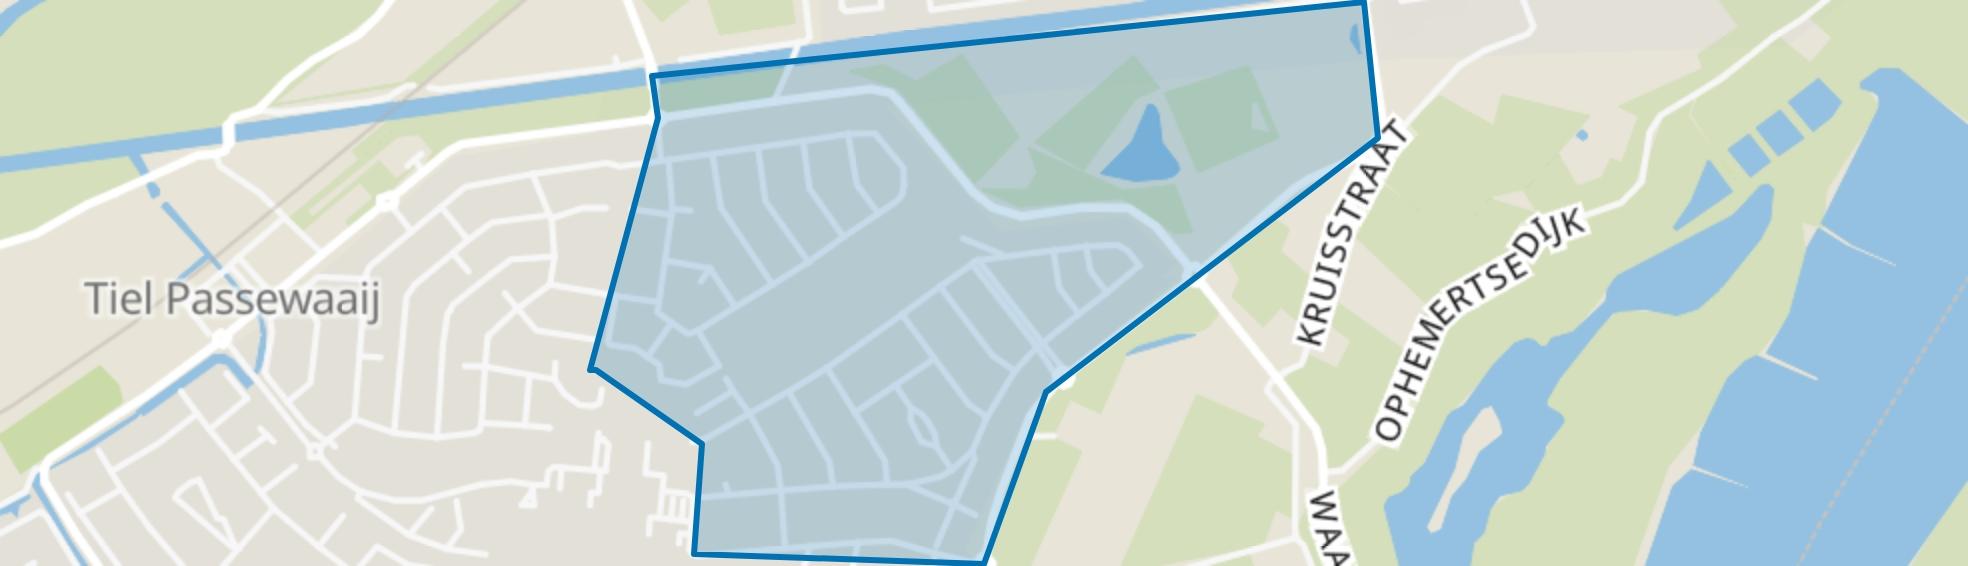 Passewaaij-Noord-Oost, Tiel map